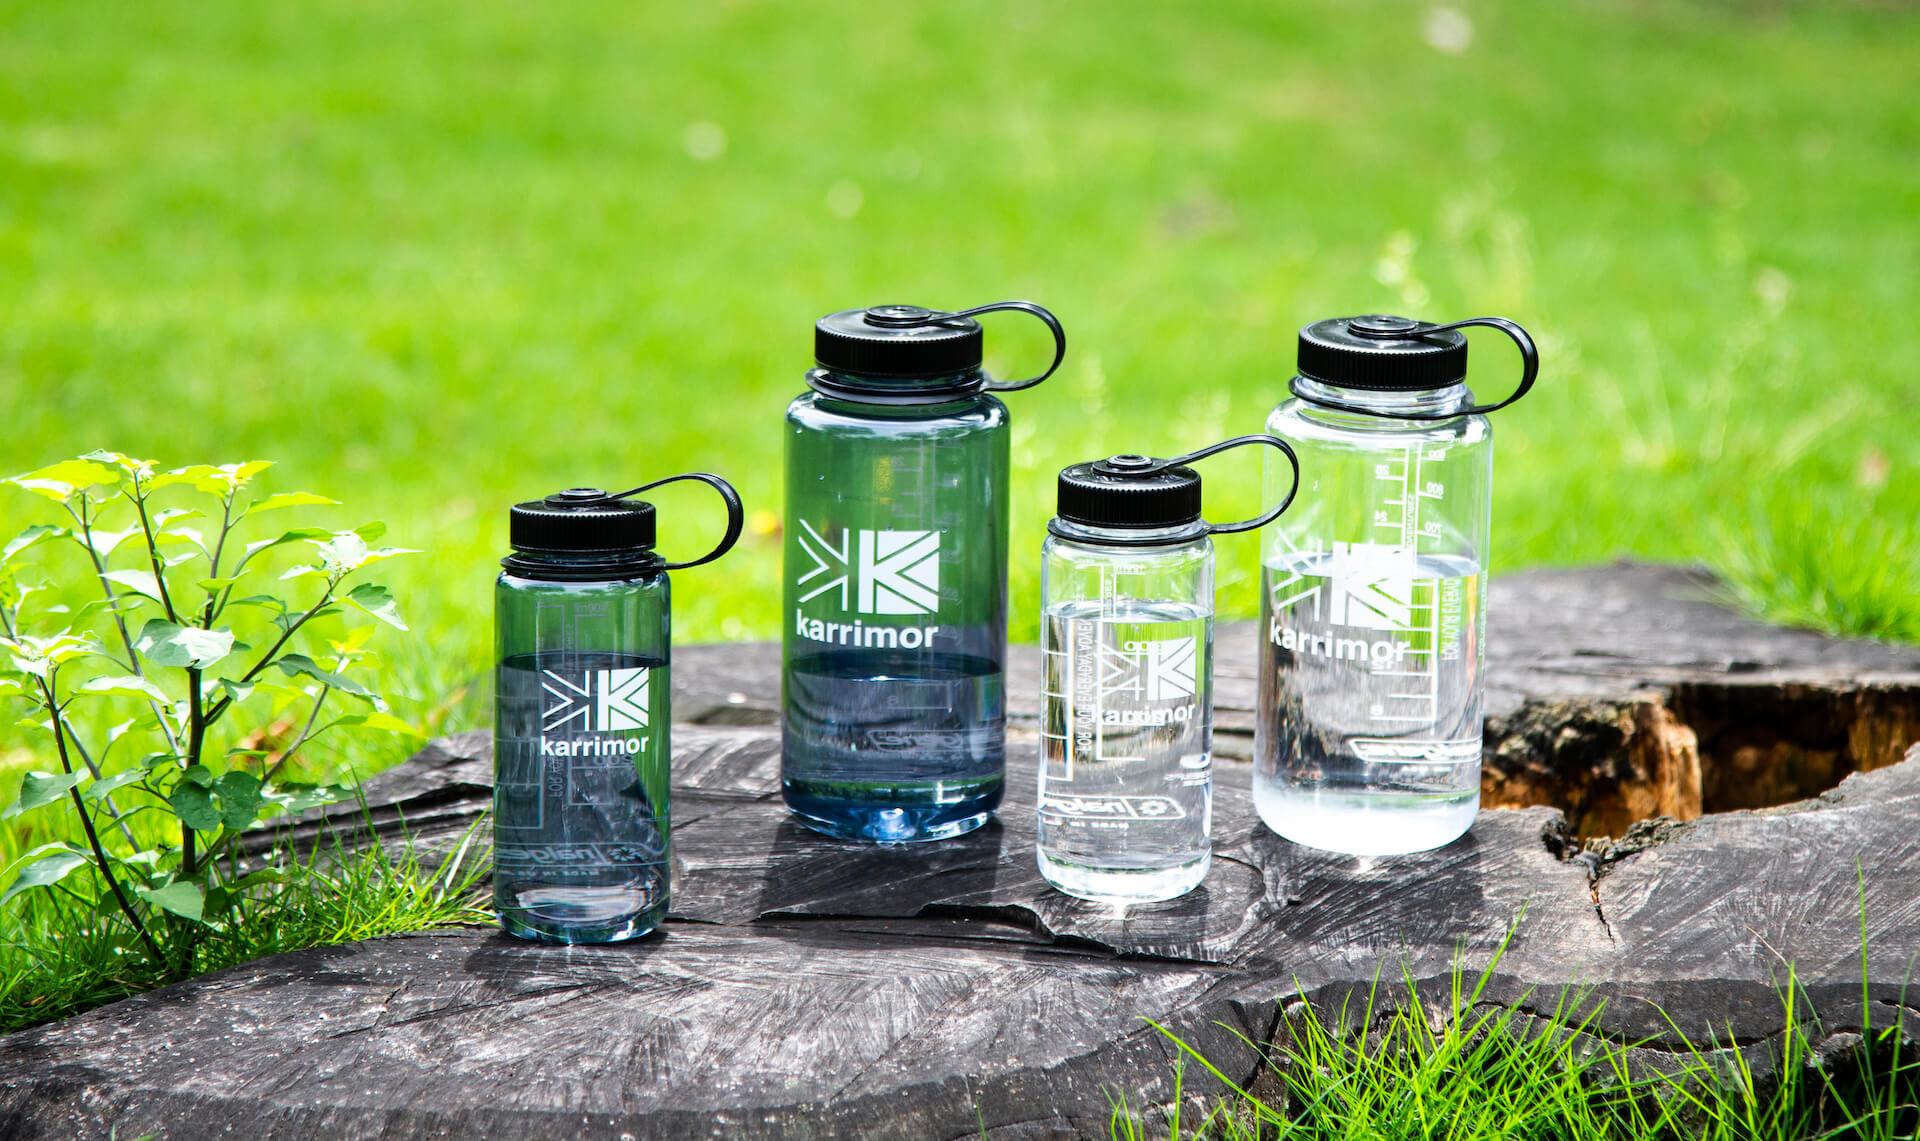 カリマーが無料給水サービスにも利用できるボトルを発売!Nalgenとのコラボアイテム life210601_karrimor_bottle_2